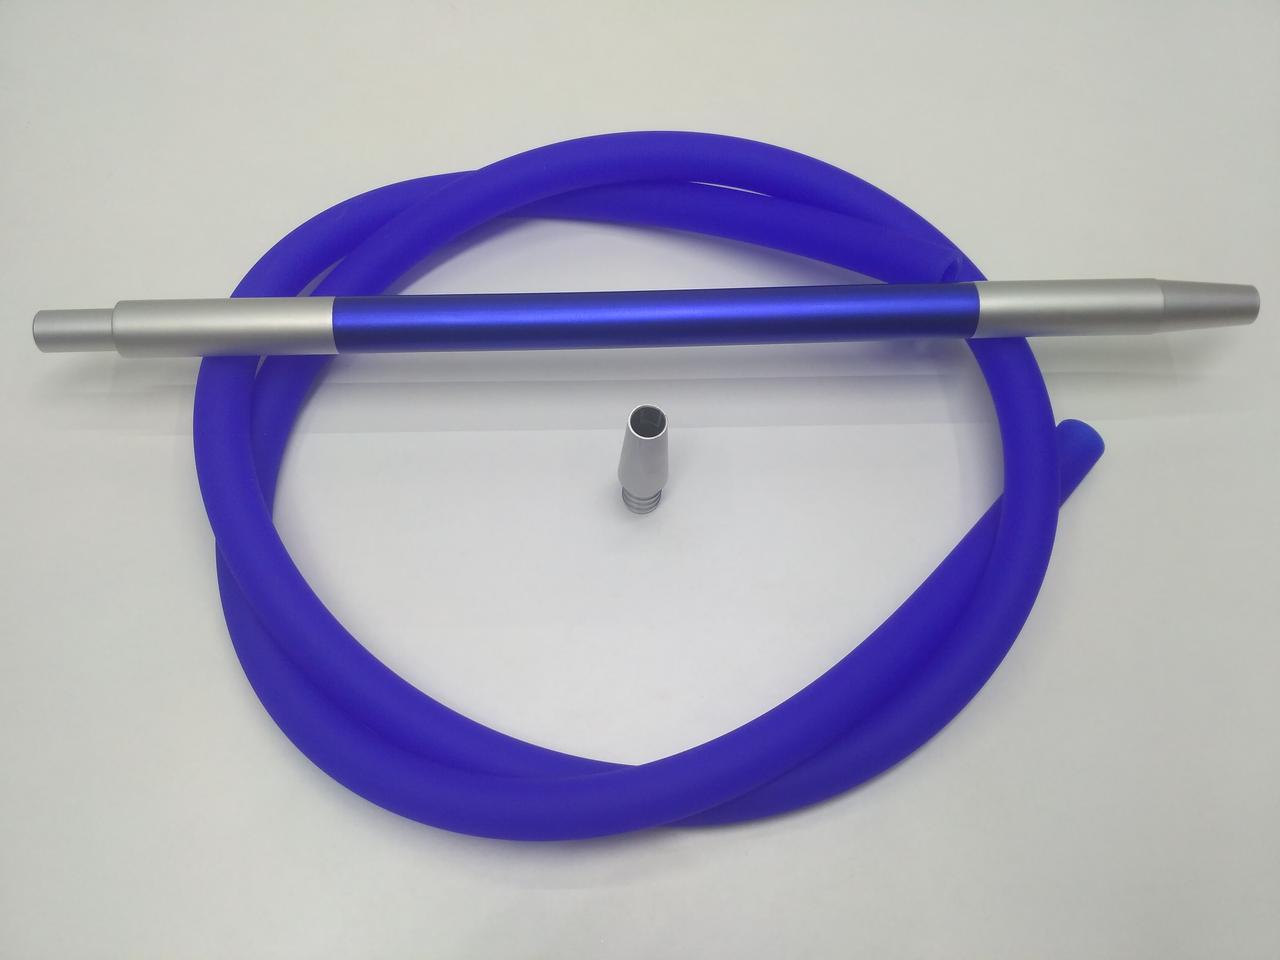 Шланг силиконовый Soft touch (Софт Тач ) с алюминиевыми мундштуками - цвет: Синий